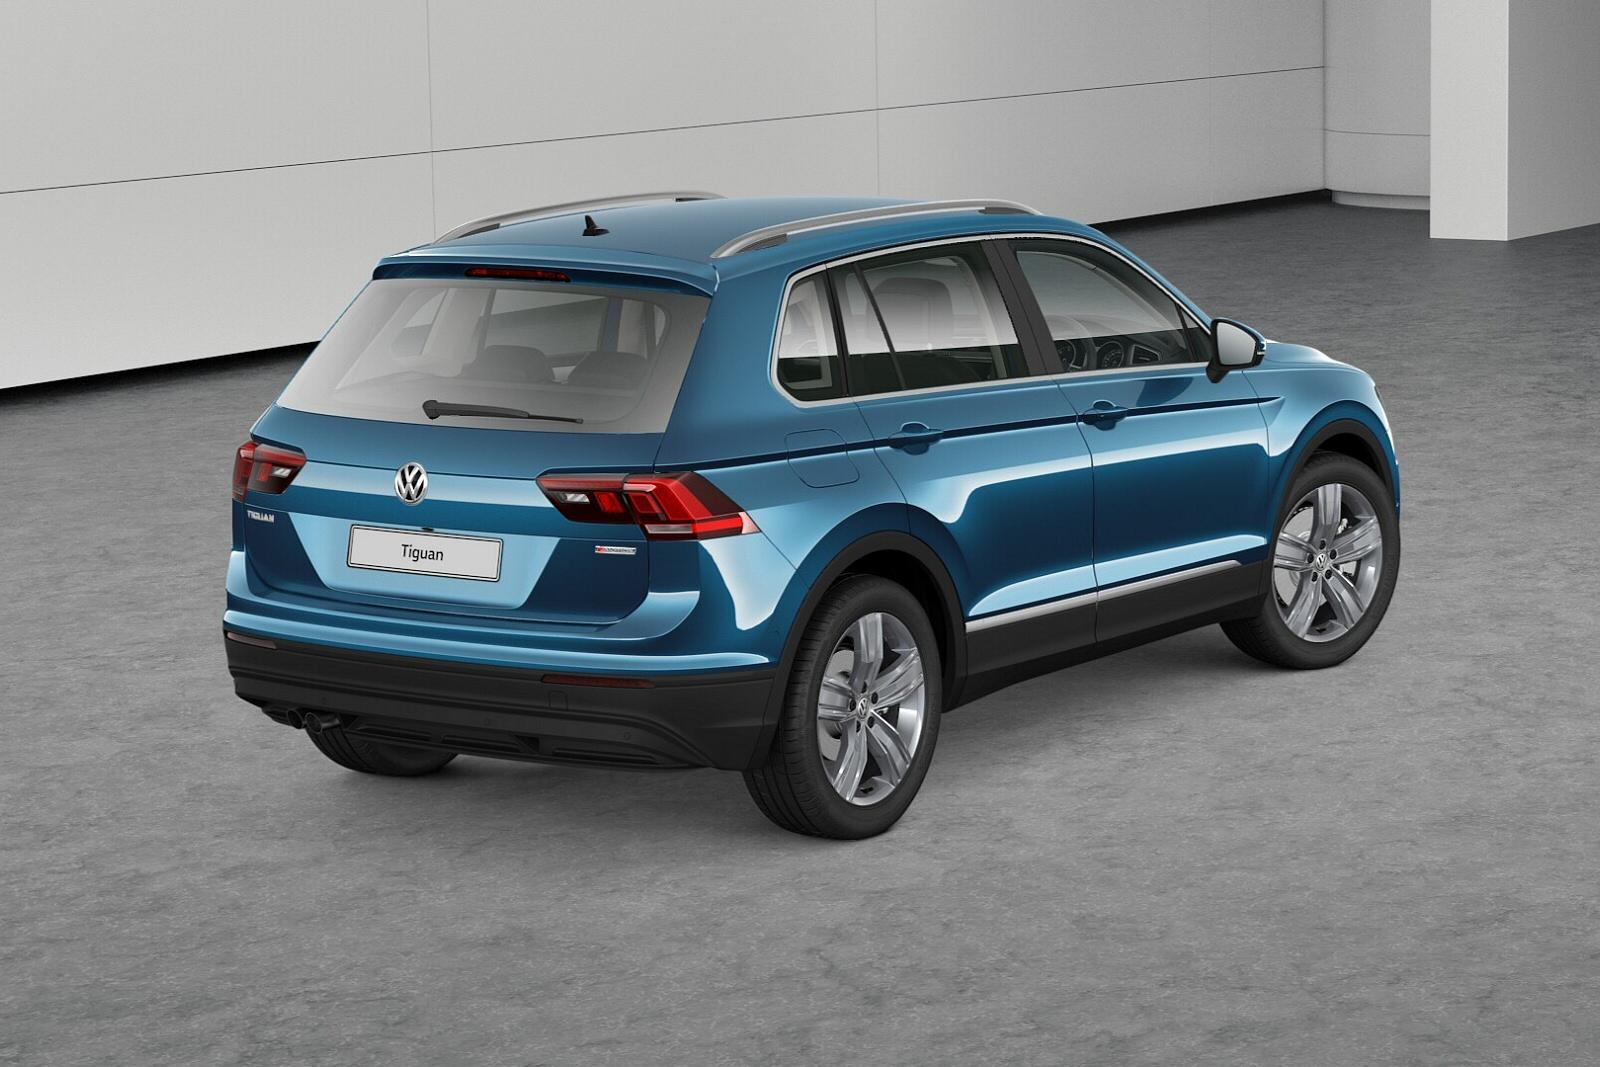 VolkswagenTiguan0119(2)